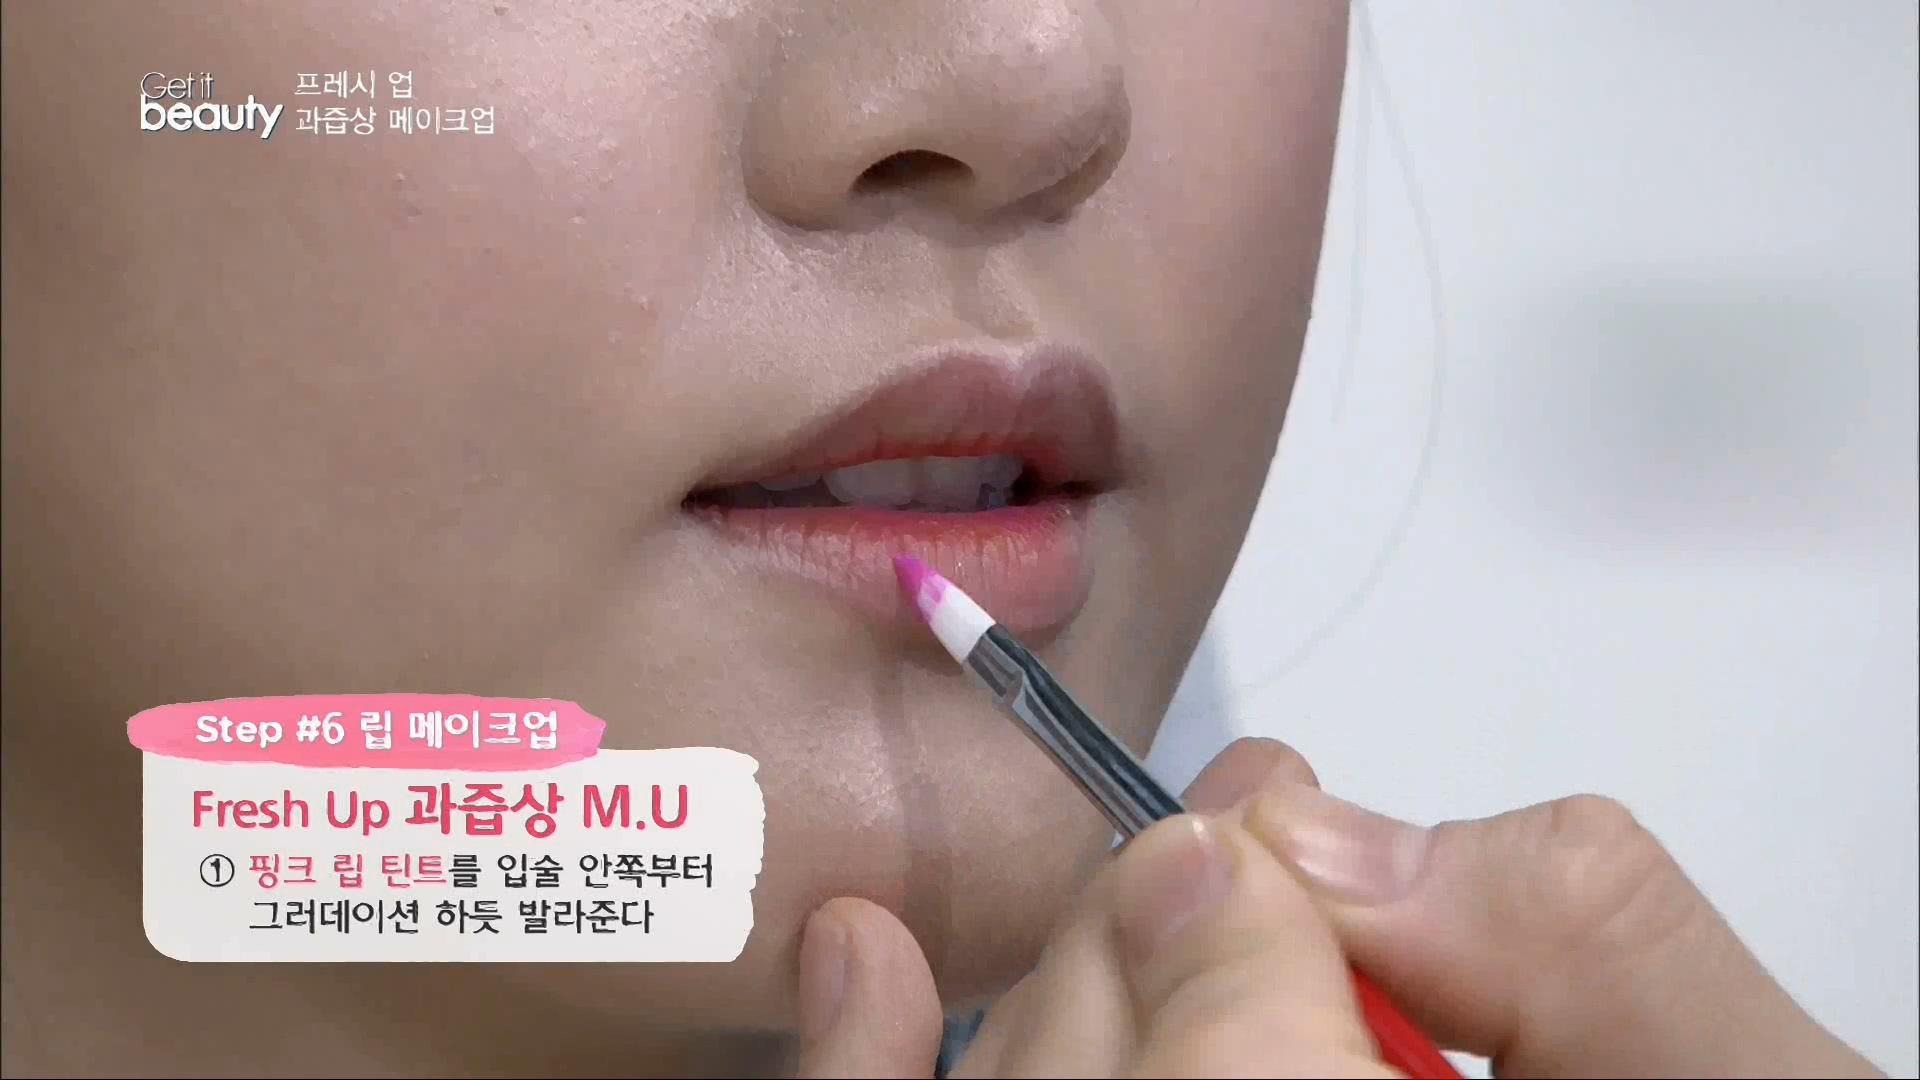 Step#6.립 메이크업 1.핑크 립 틴트를 입술 안쪽부터 그러데이션 하듯 발라준다.